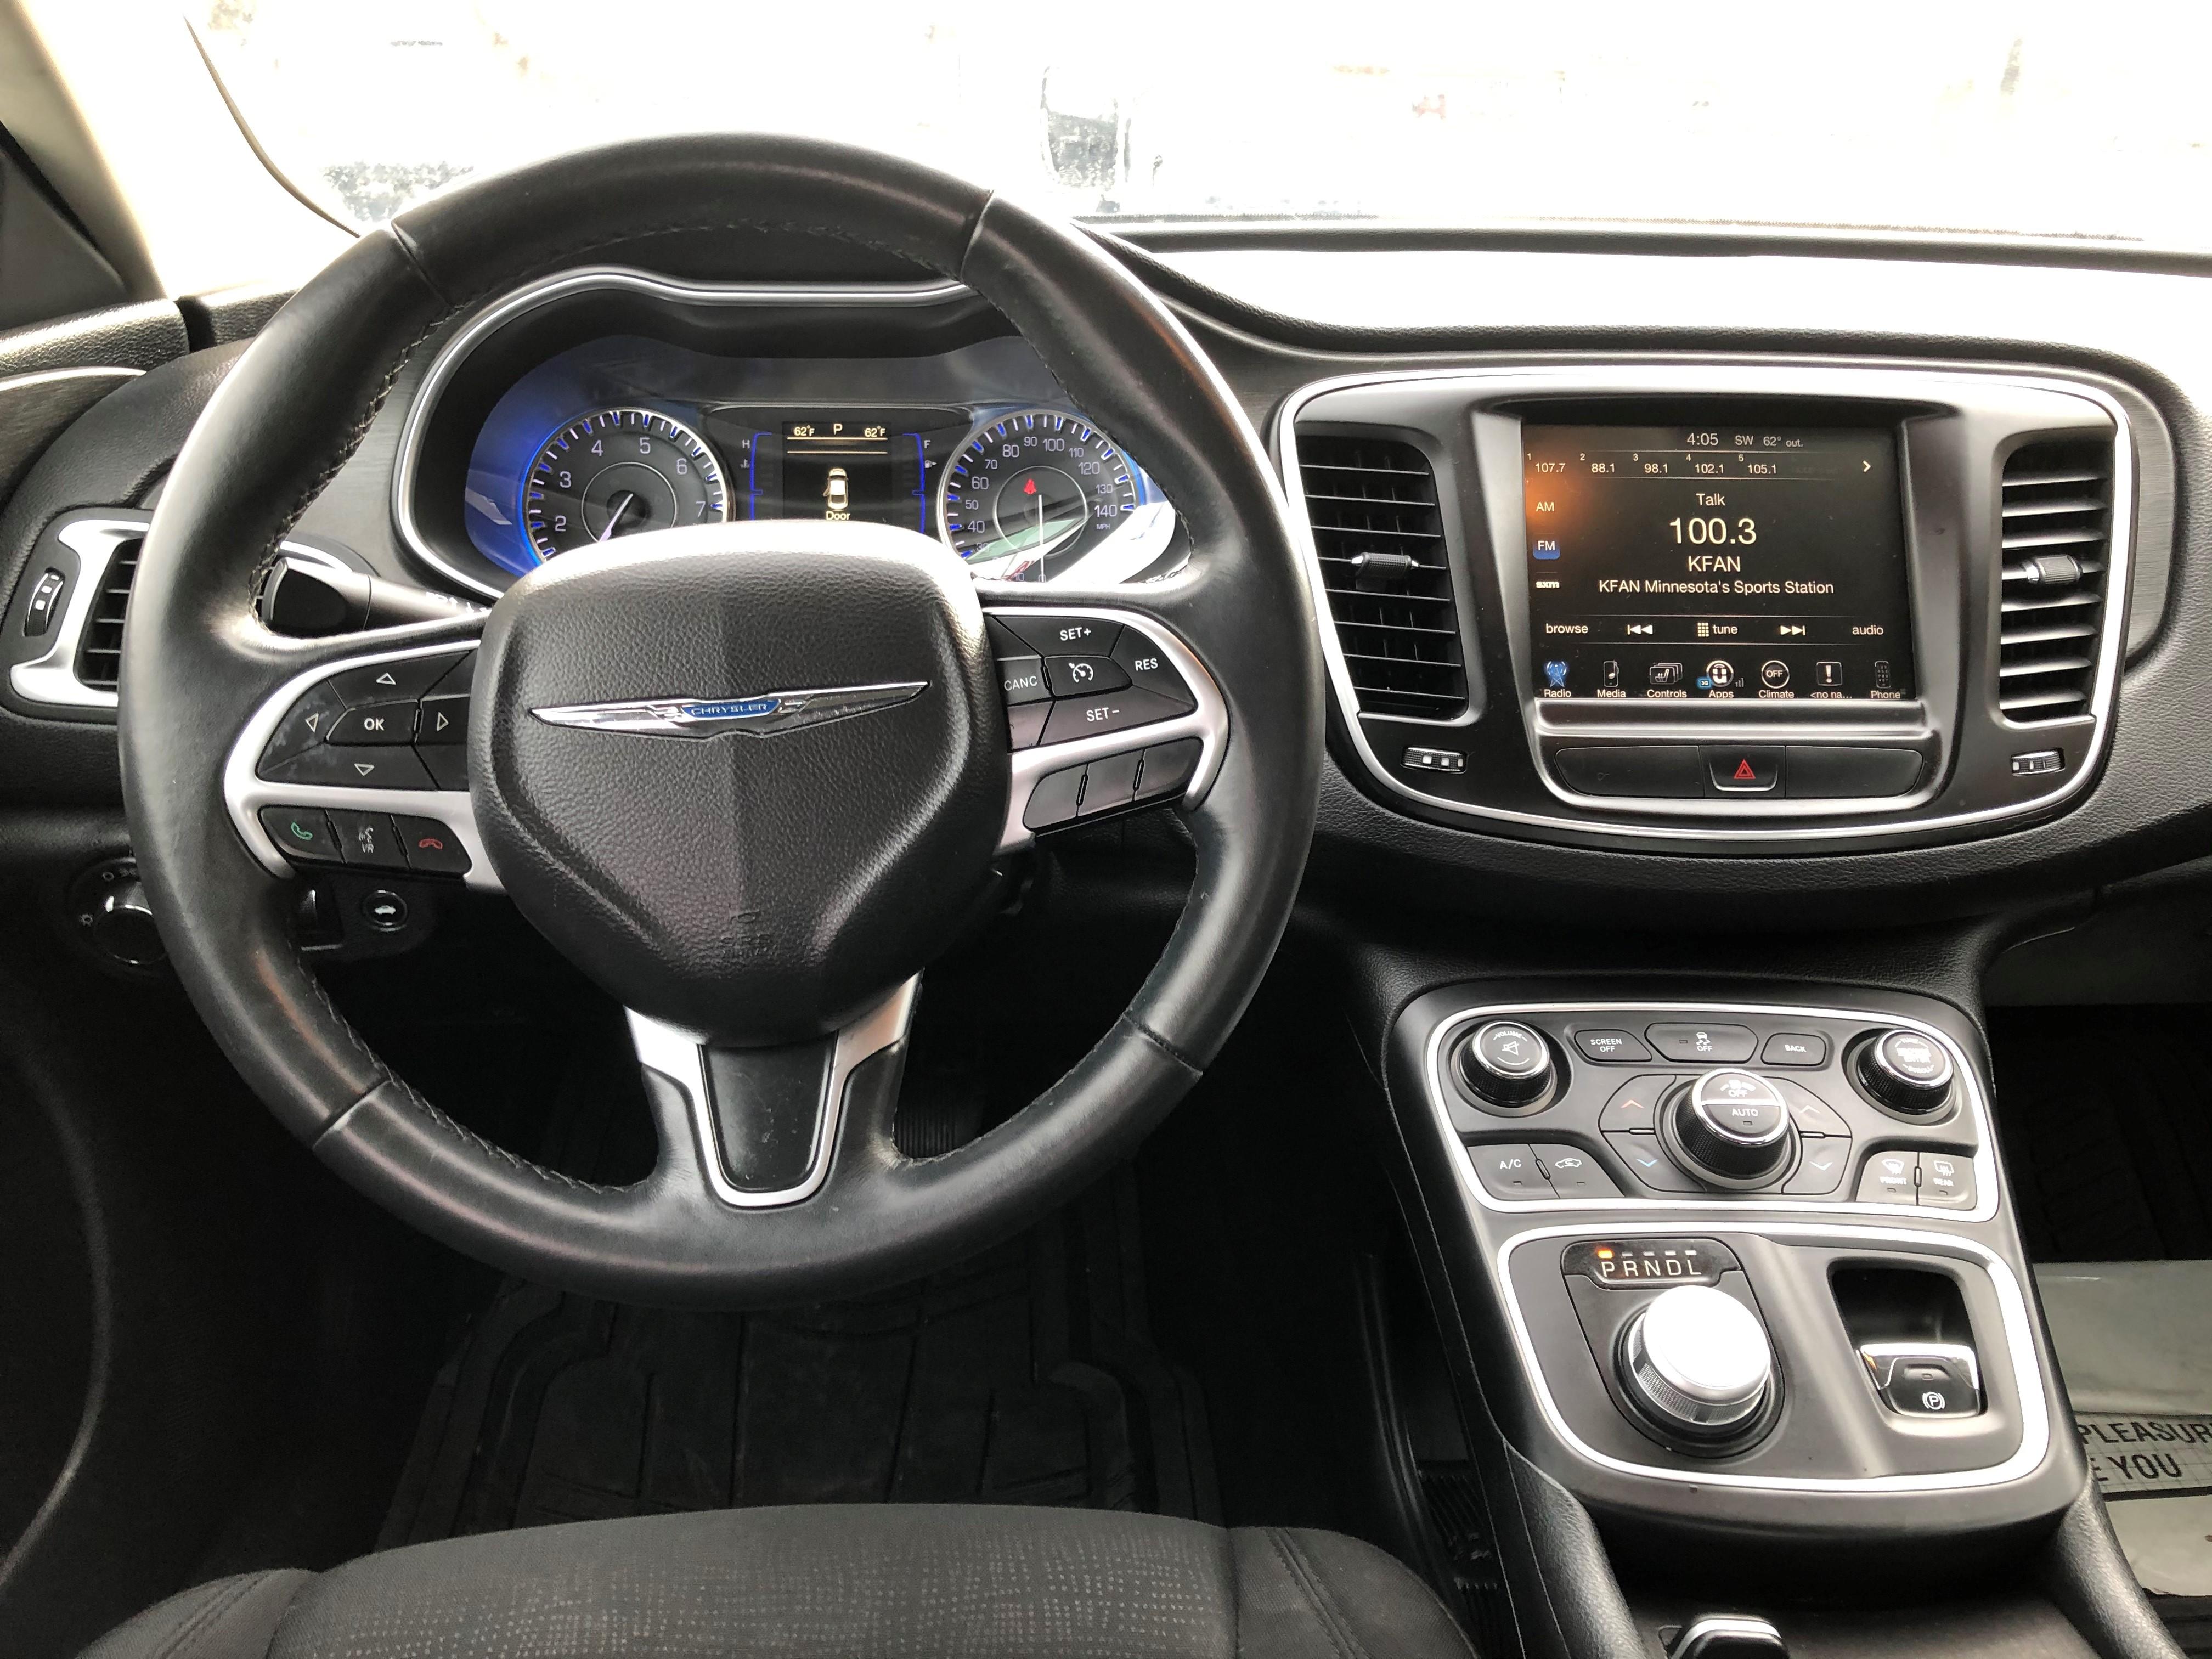 used vehicle - Sedan Chrysler 200 2016